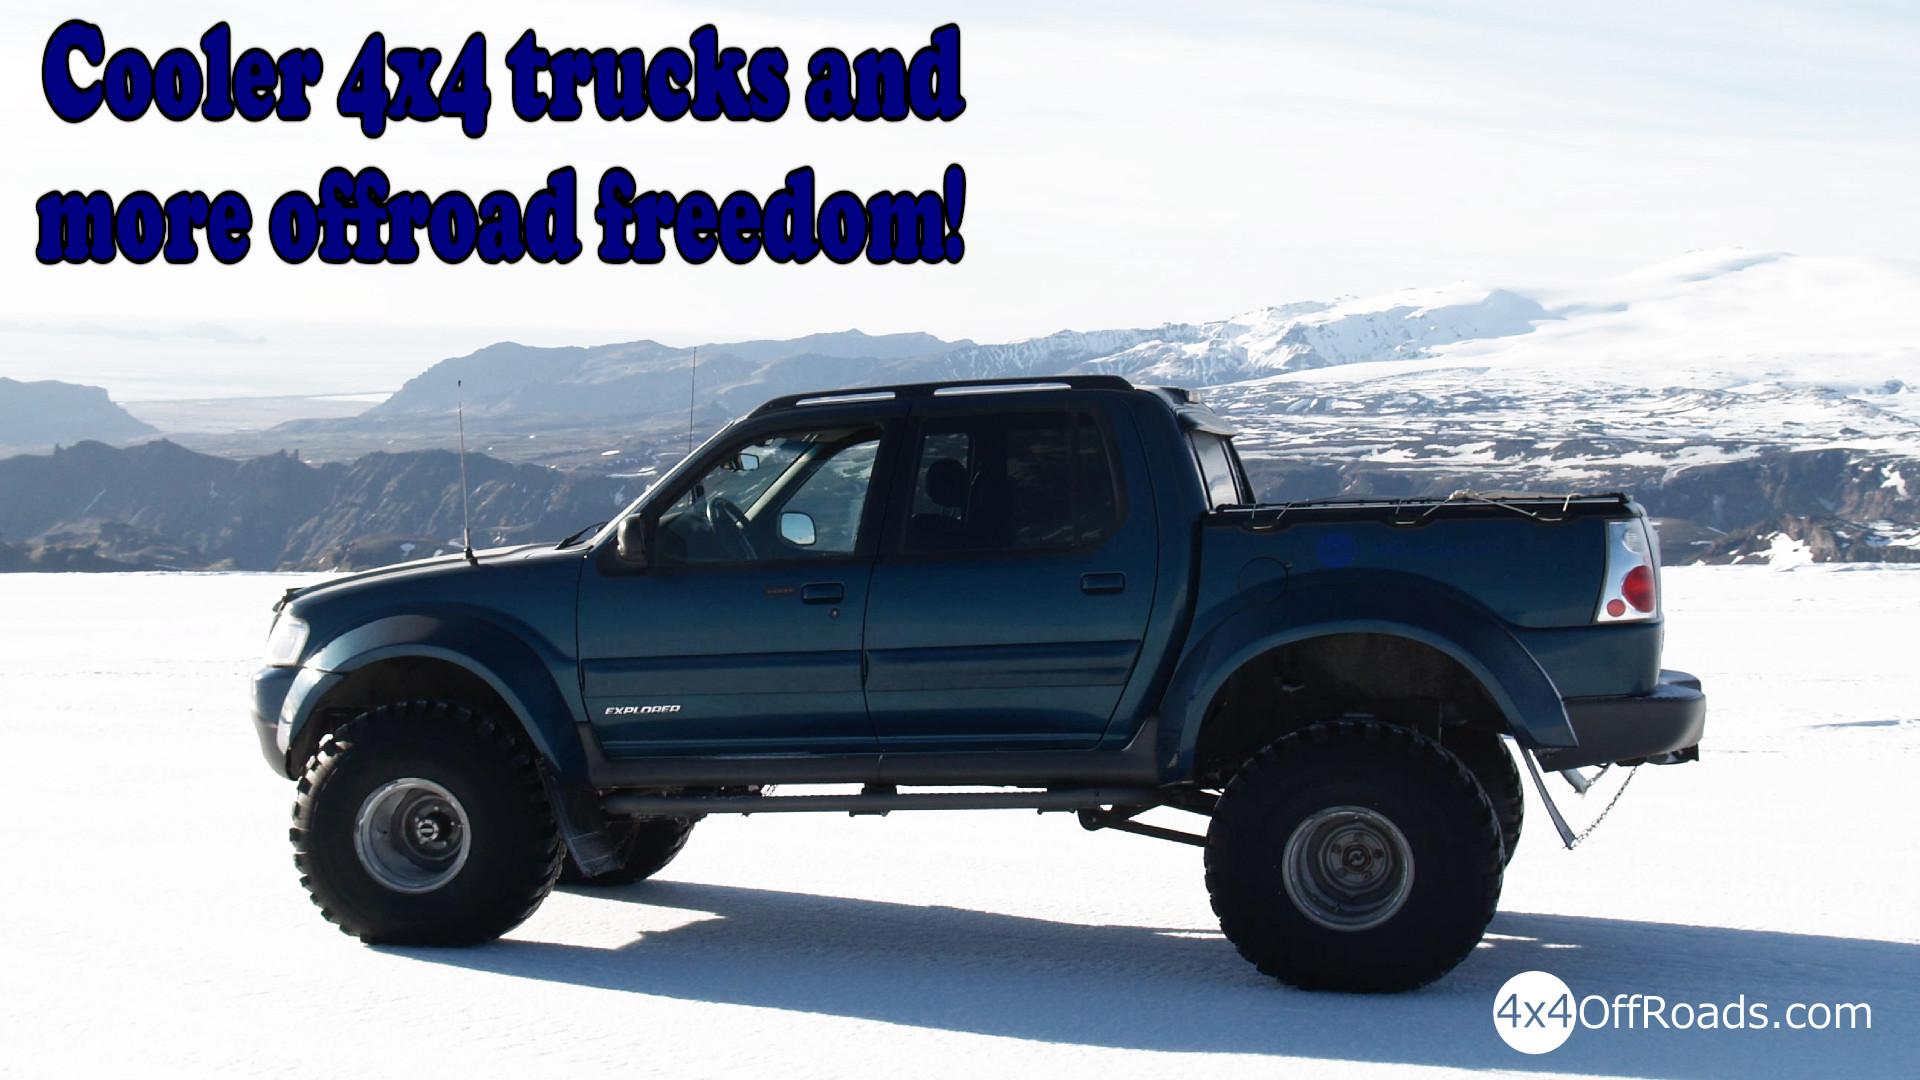 Cooler 4×4 Truck!